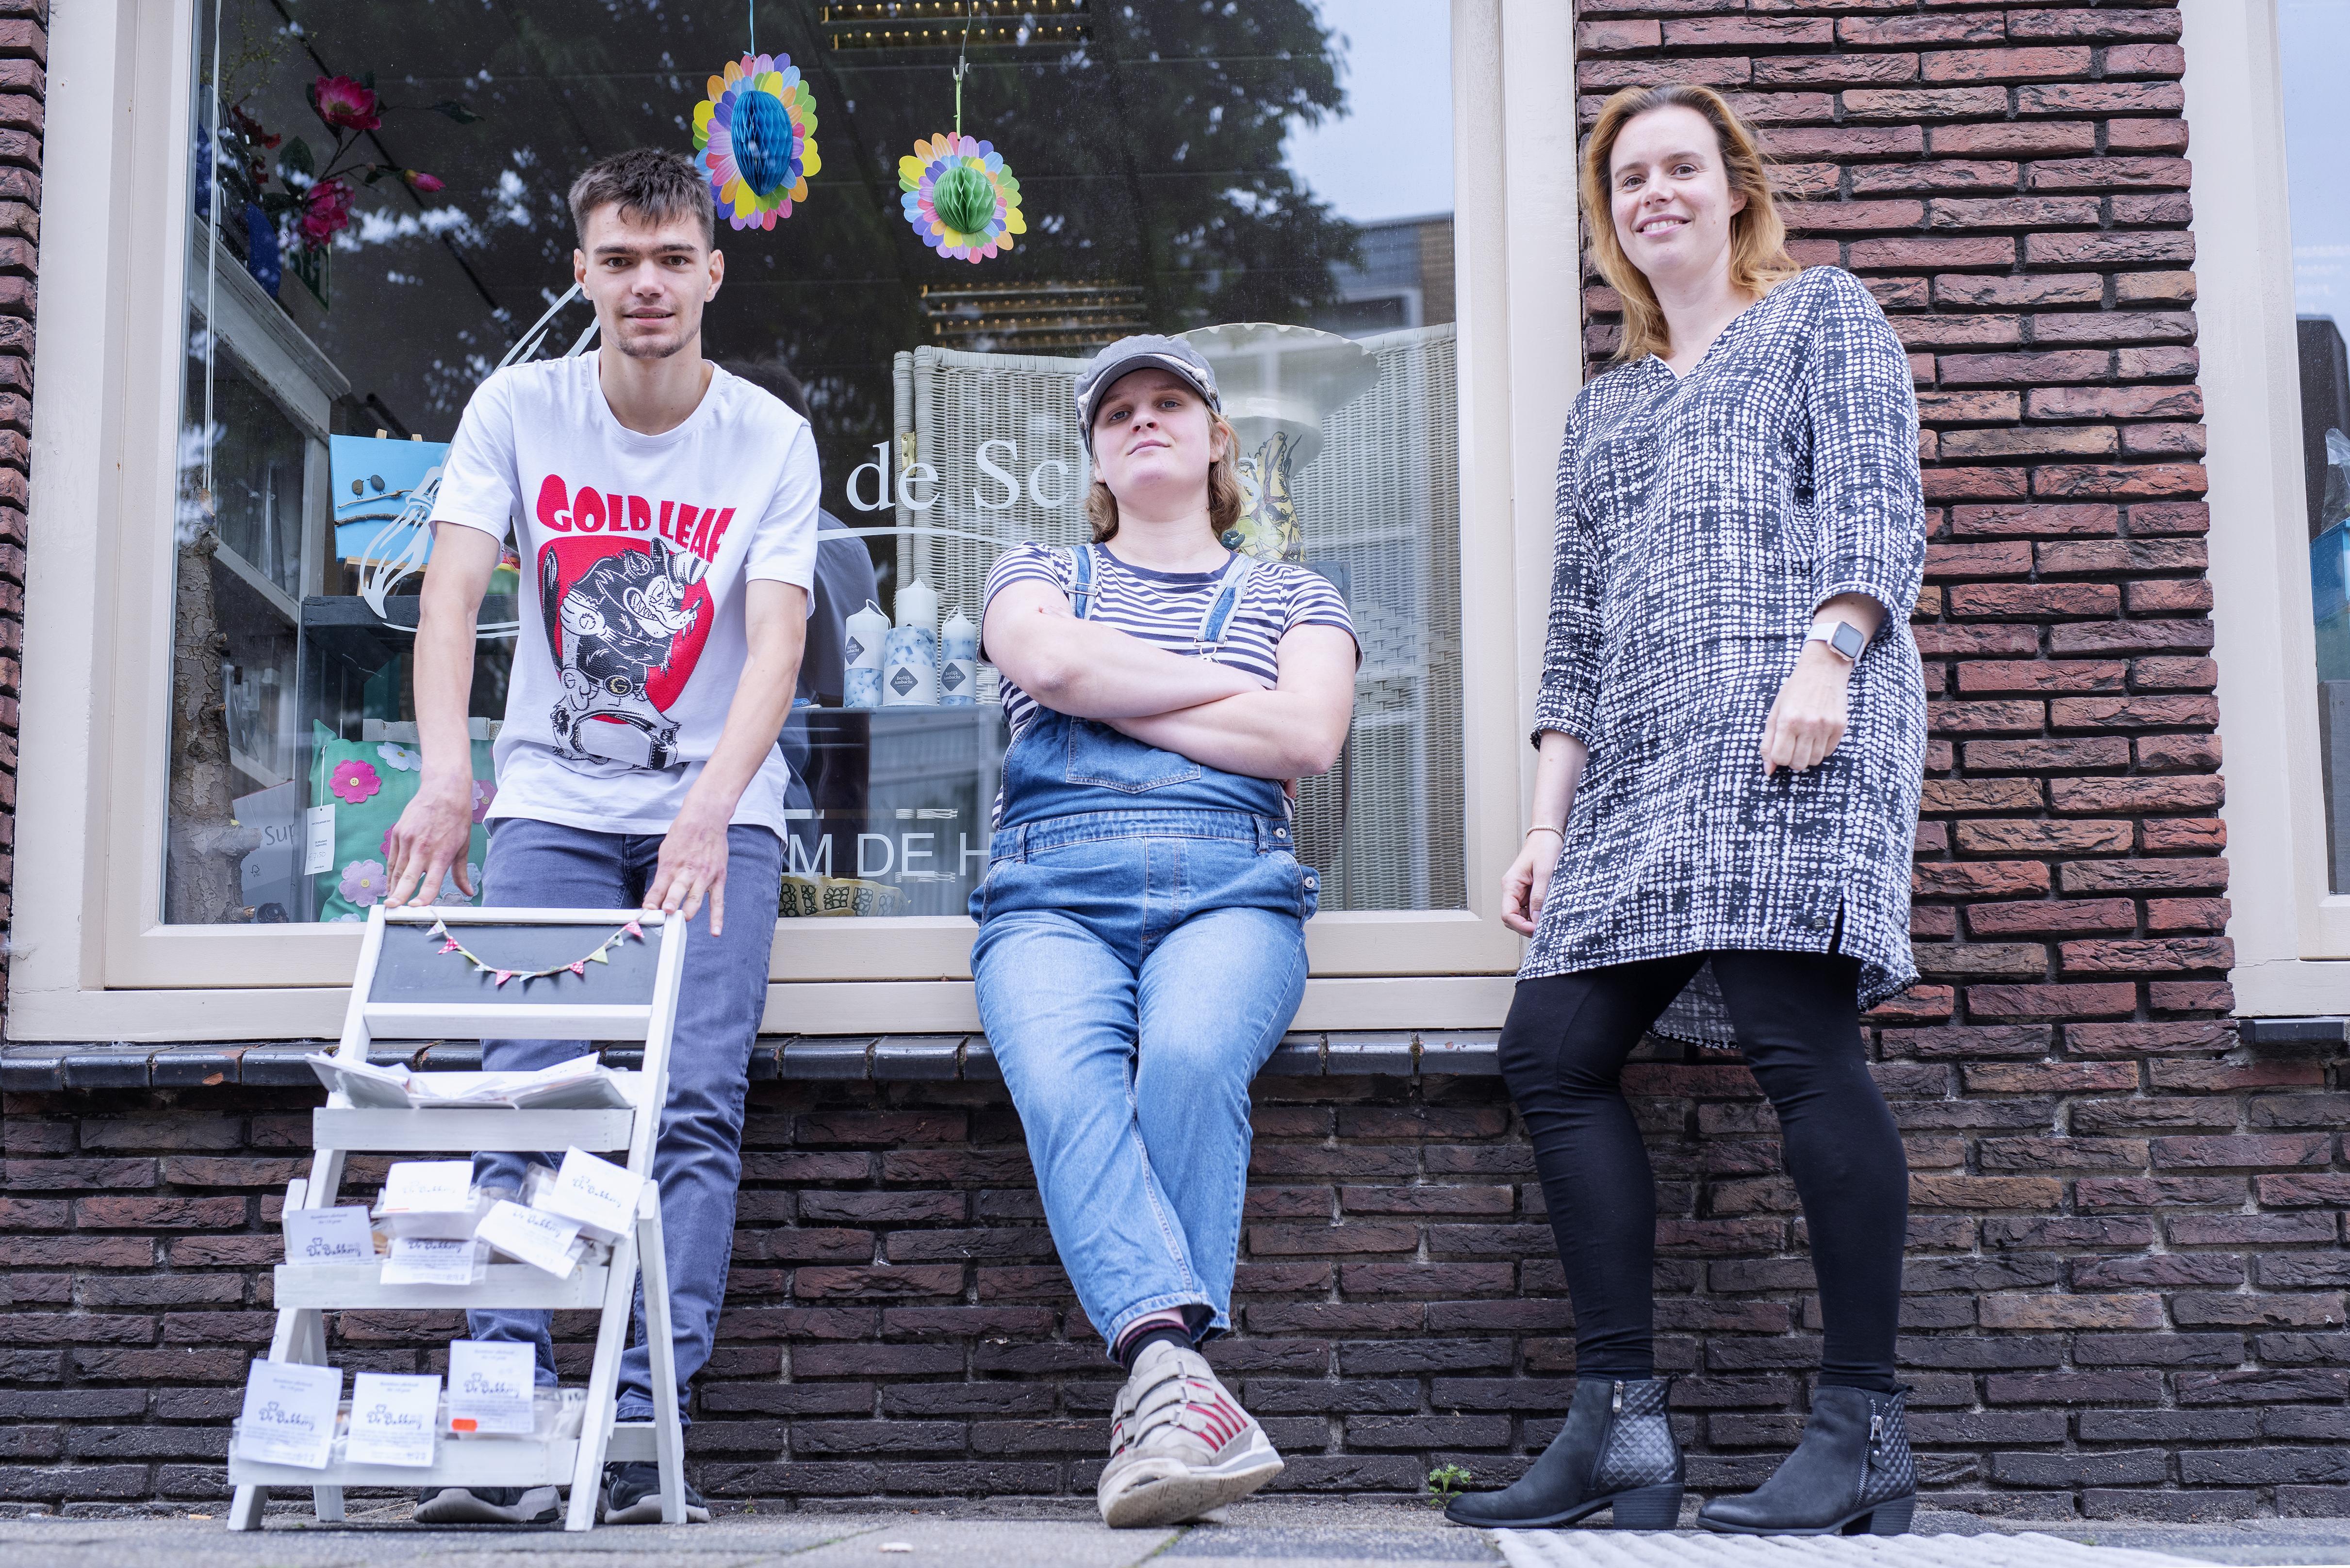 Merel uit IJmuiden en Marvin uit Wijk aan Zee deden de 'opstaptraining': 'Ik vergeet soms dat ik een beperking heb'